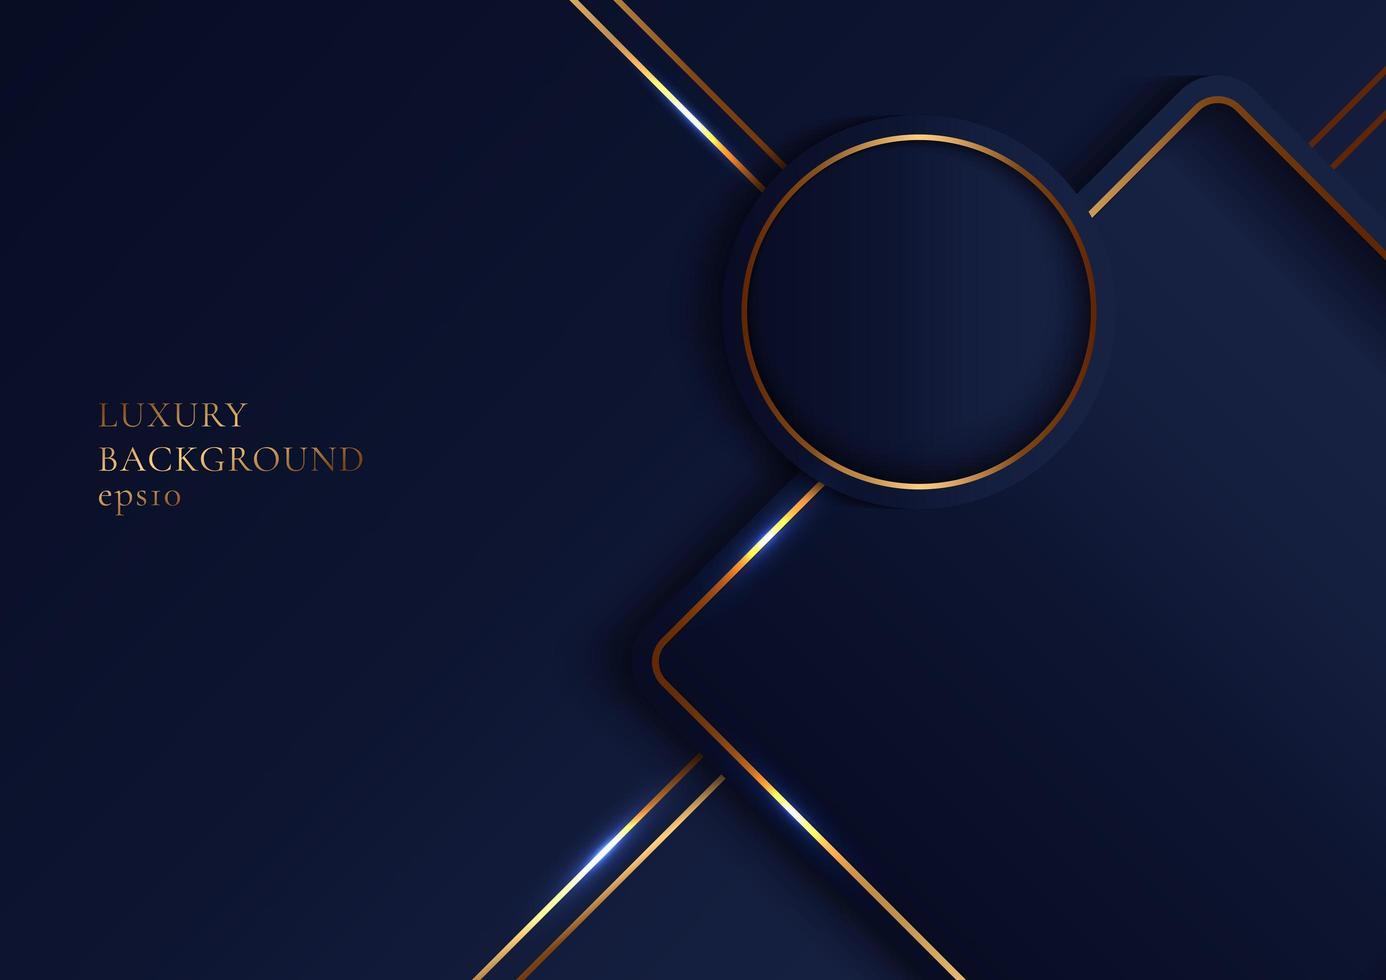 abstrakta eleganta geometriska överlappningsskikt med guldränder vektor